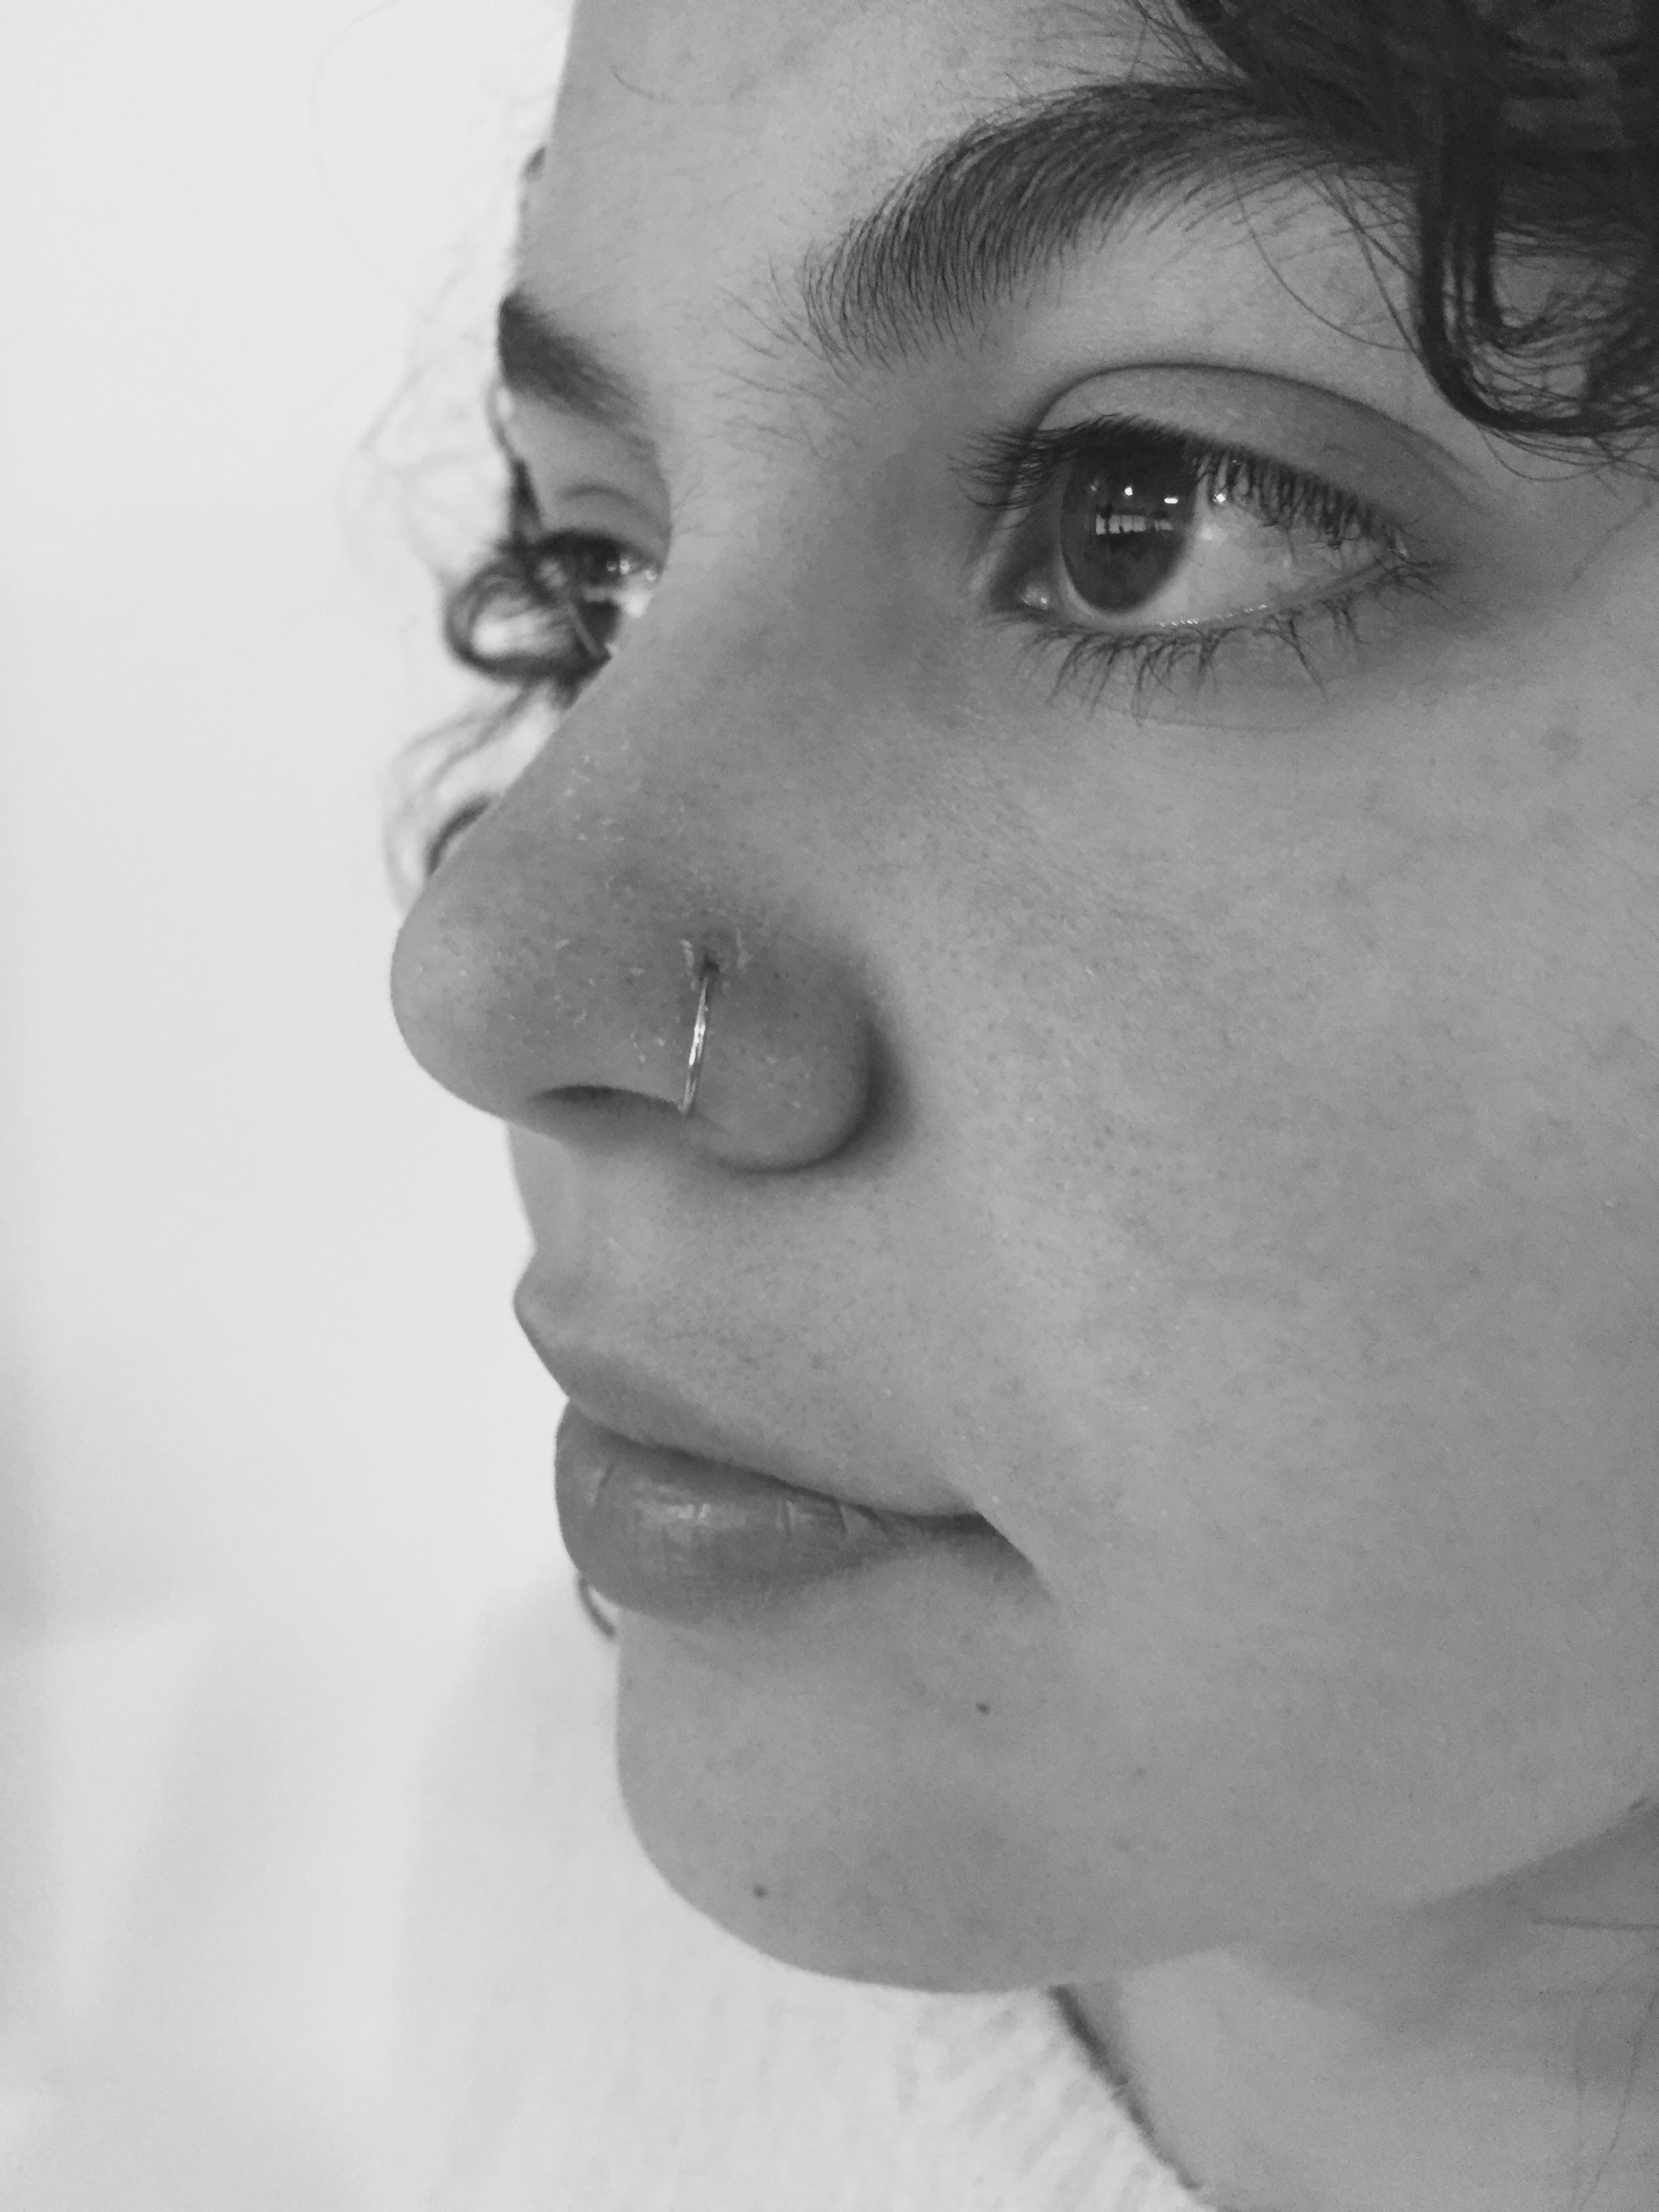 nostrill